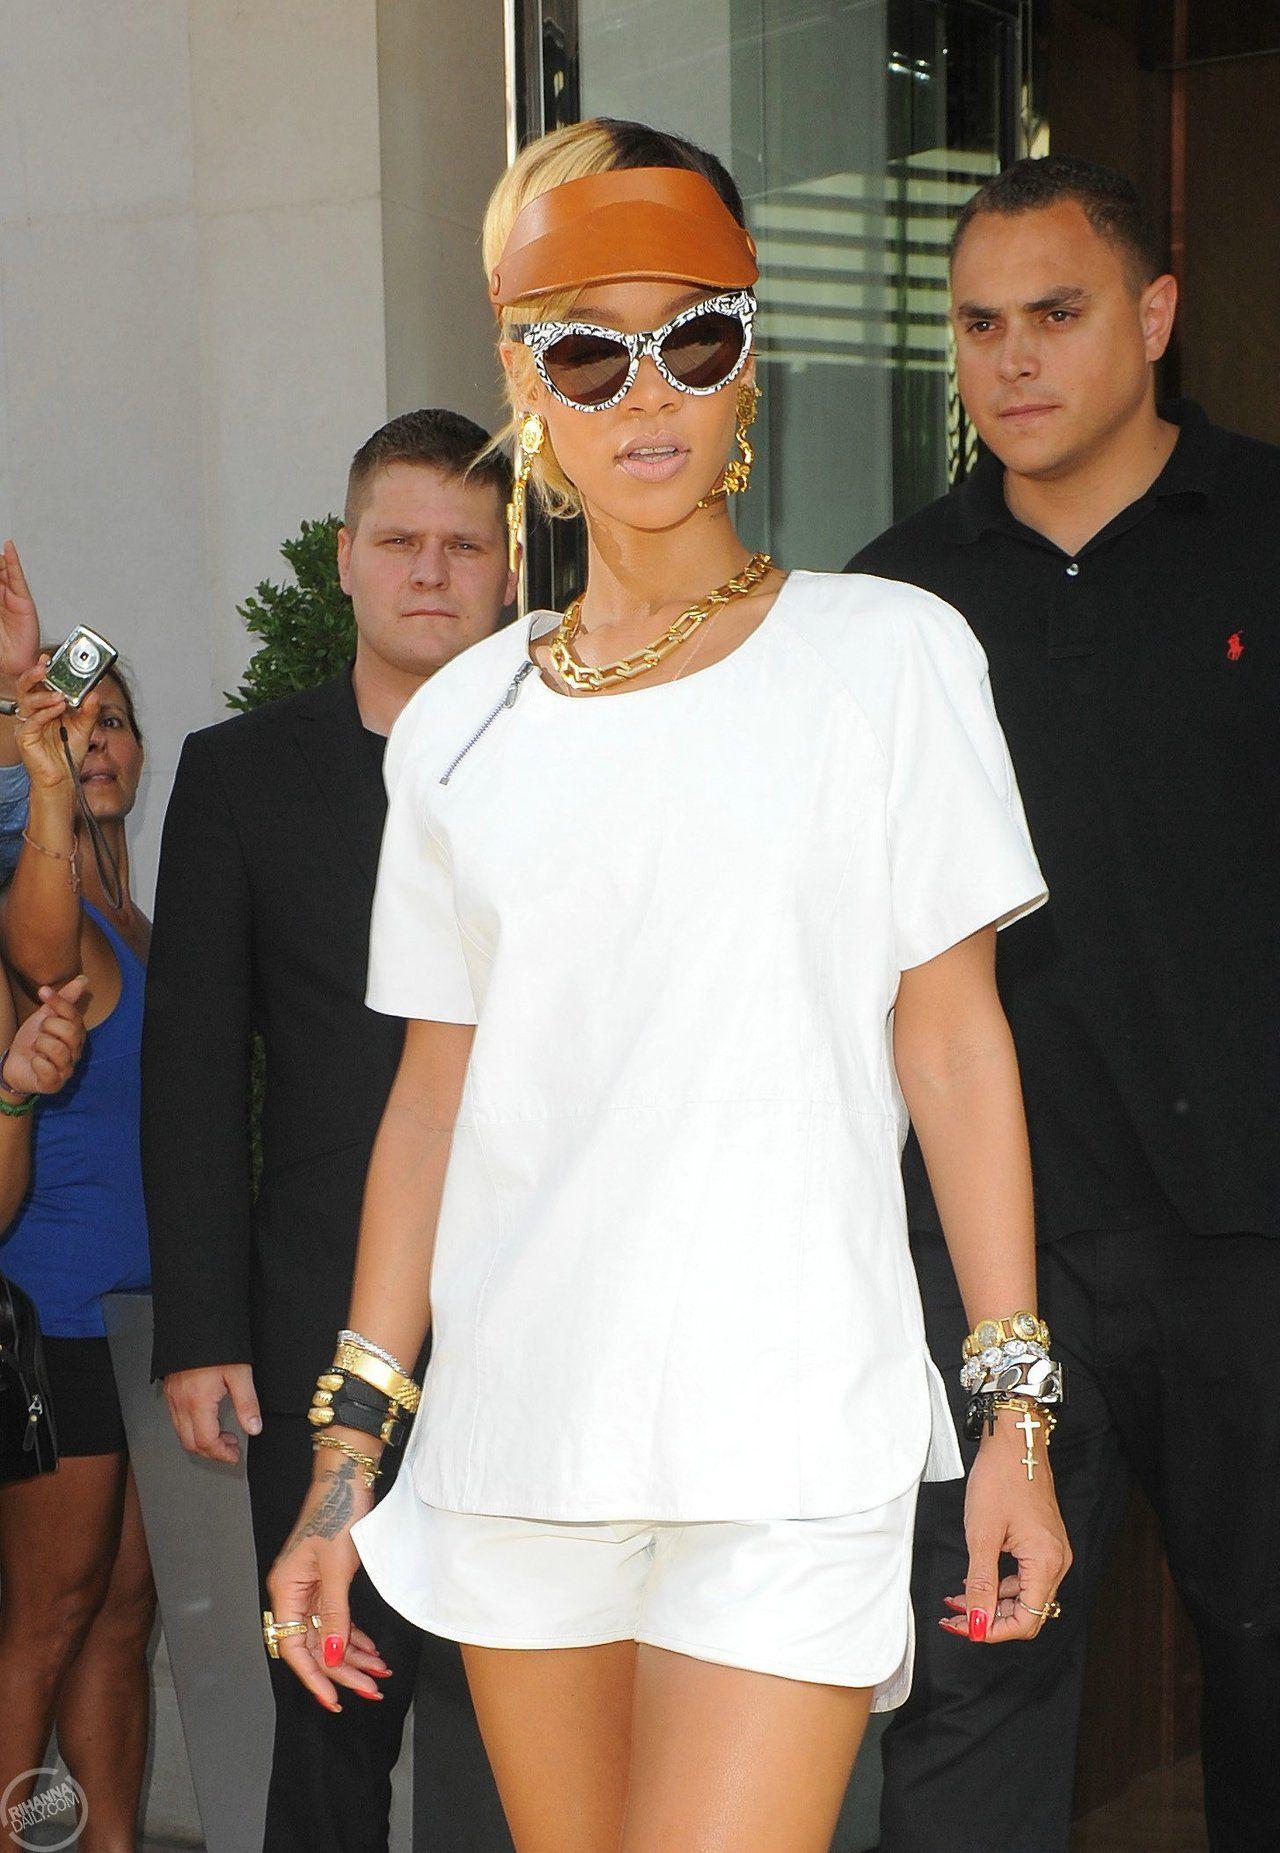 Rihanna Wearing A Fleet Ilya Clic Men S Tan Visor Vintage Chanel Gun Motif Earrings